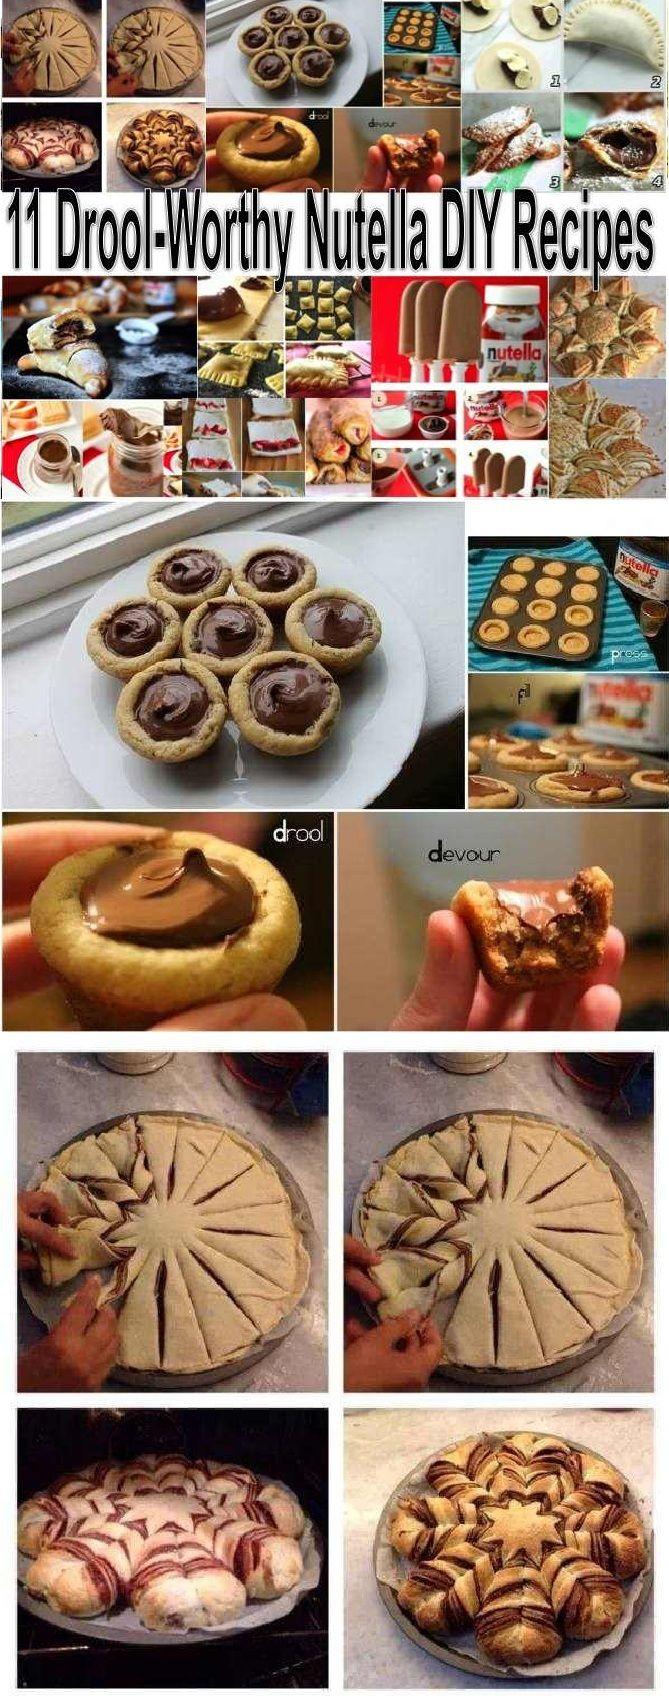 11 Drool-Worthy Nutella DIY Recipes